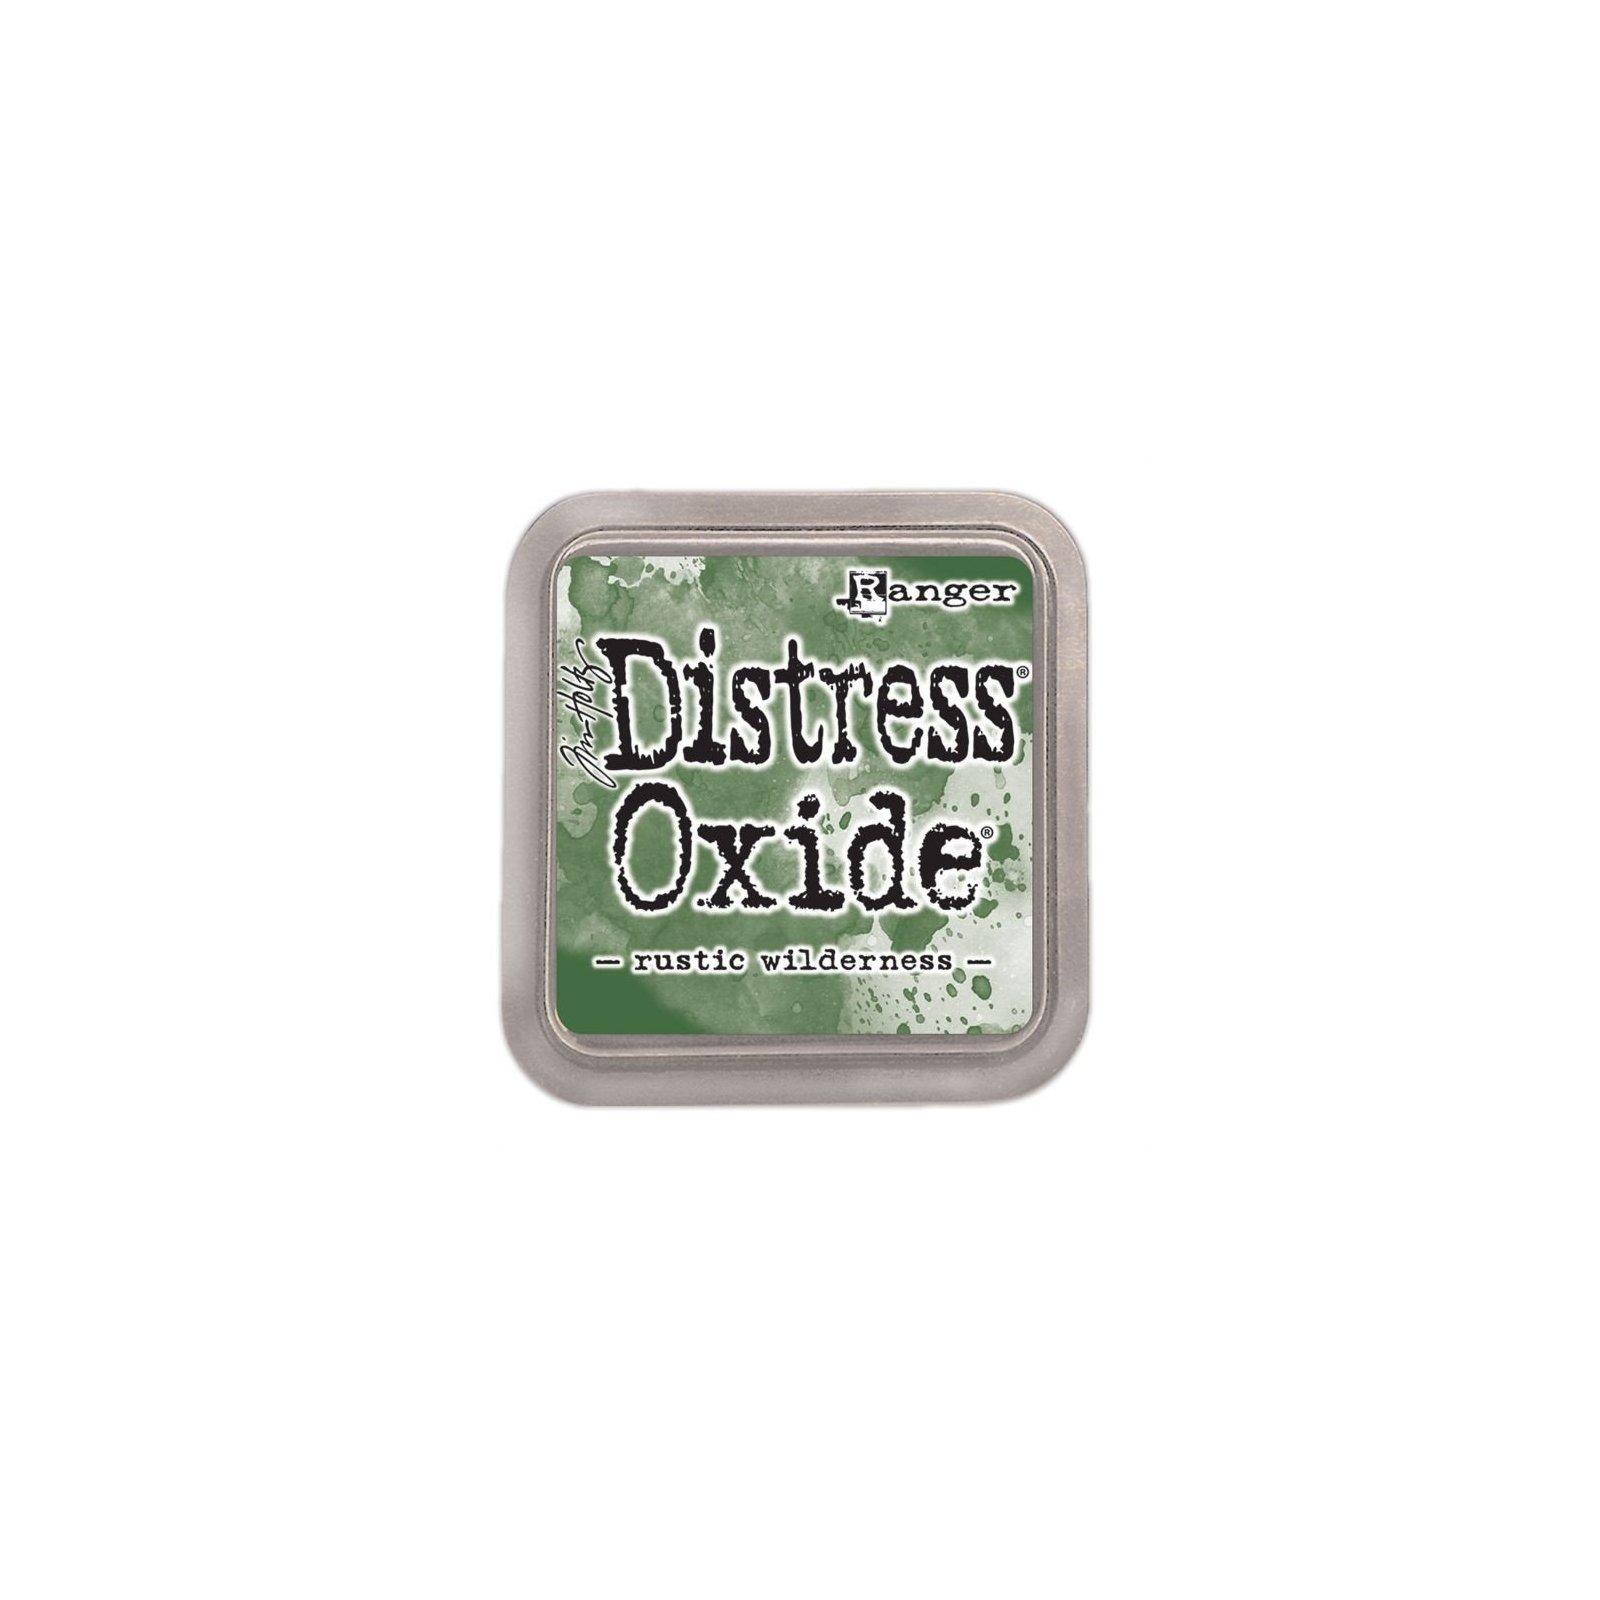 Grand encreur vert Distress Oxide - Rustic Wilderness - Ranger